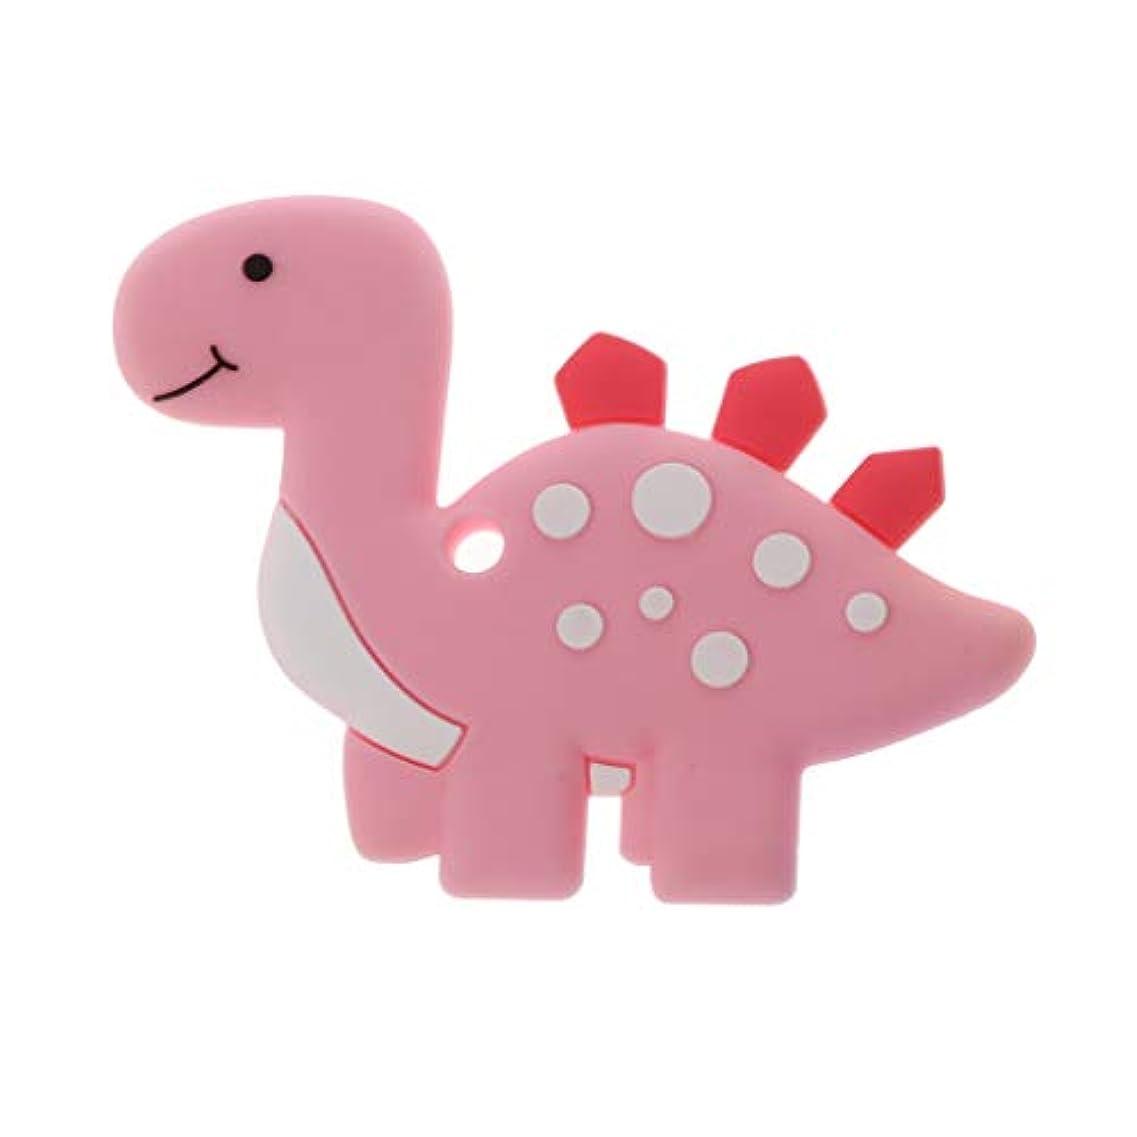 破滅侵入する信じられないLanddumシリコーンおしゃぶり恐竜おしゃべり赤ちゃん看護玩具かむ玩具歯が生えるガラガラおもちゃ - ロイヤルブルー